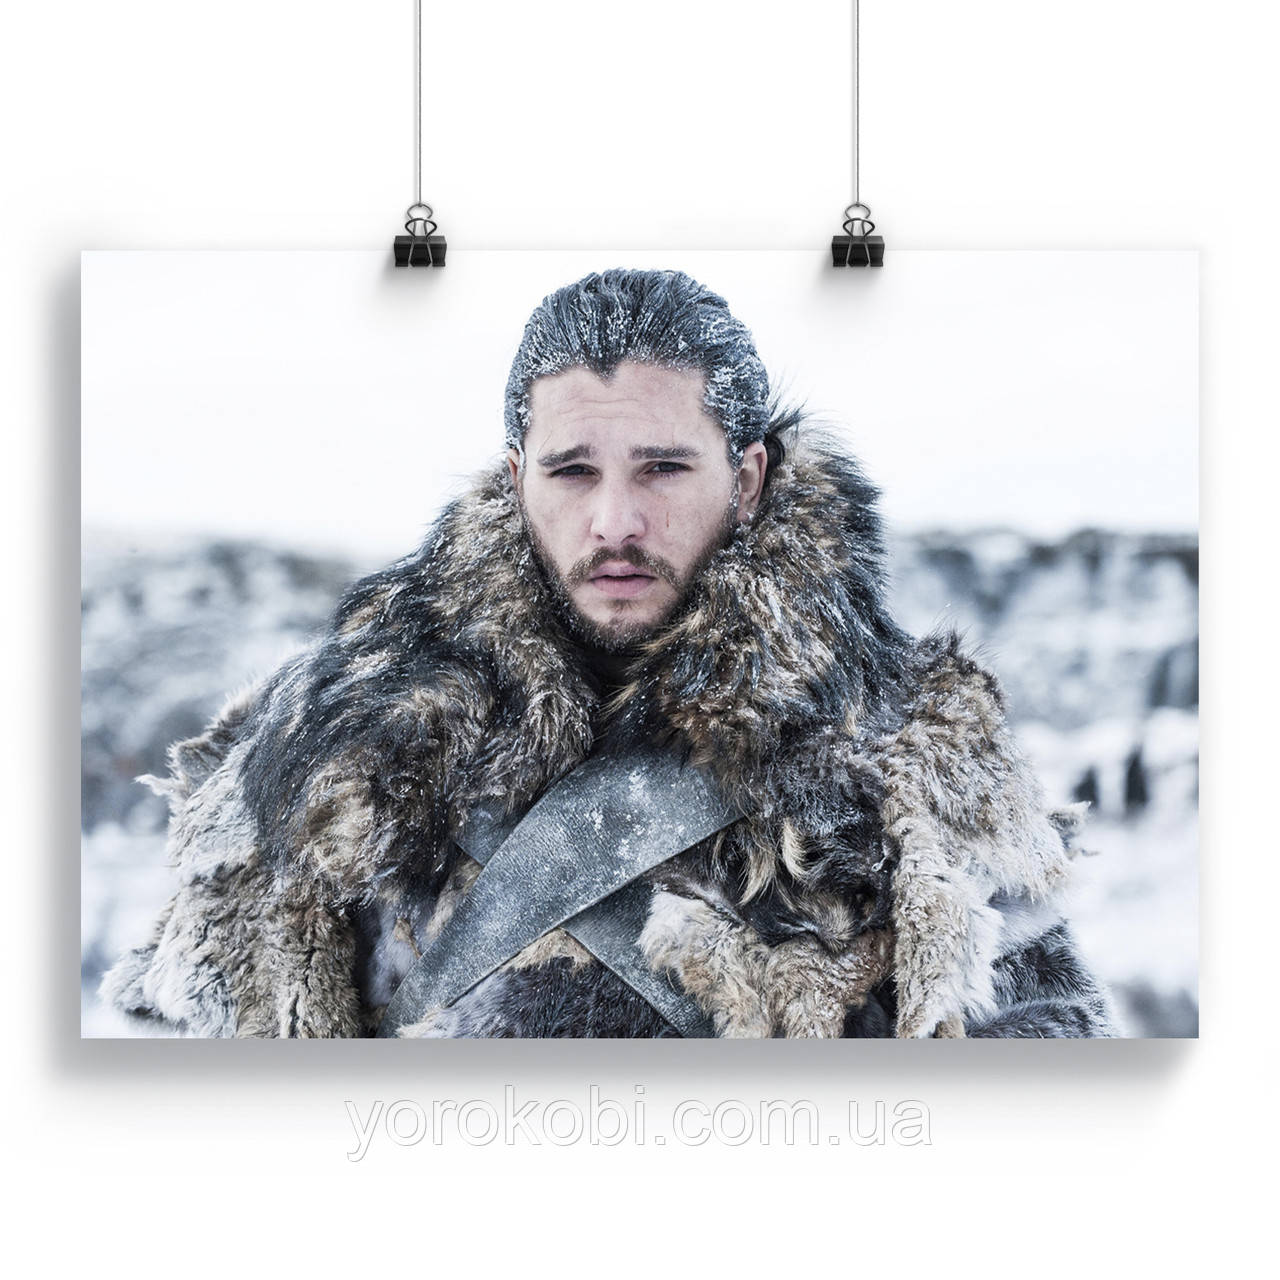 Плакат Гра престолів | Game of Thrones 55